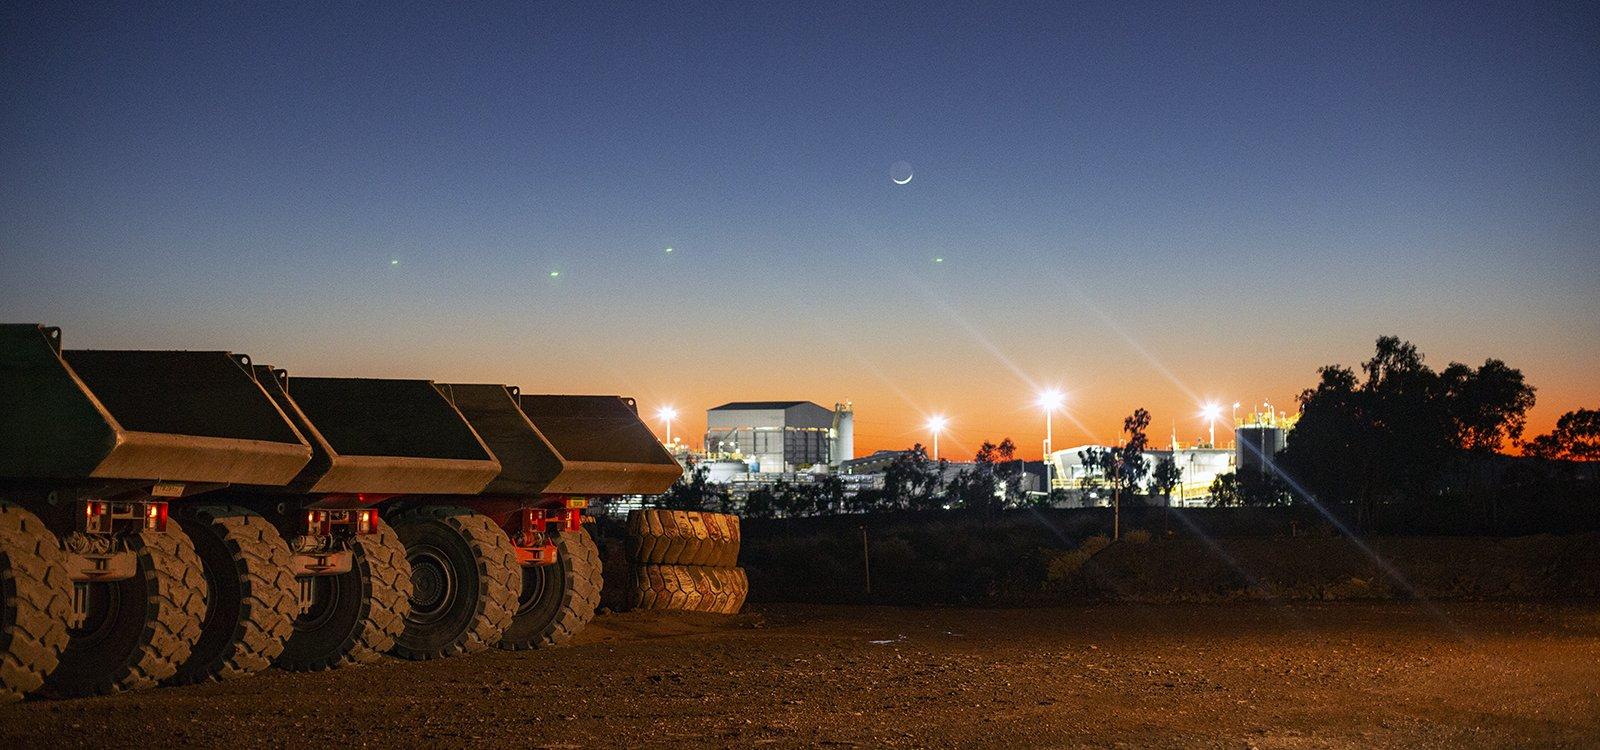 旭日初升的矿区。MMG旗下的杜加尔河矿是世界上已知最大规模的锌矿之一。